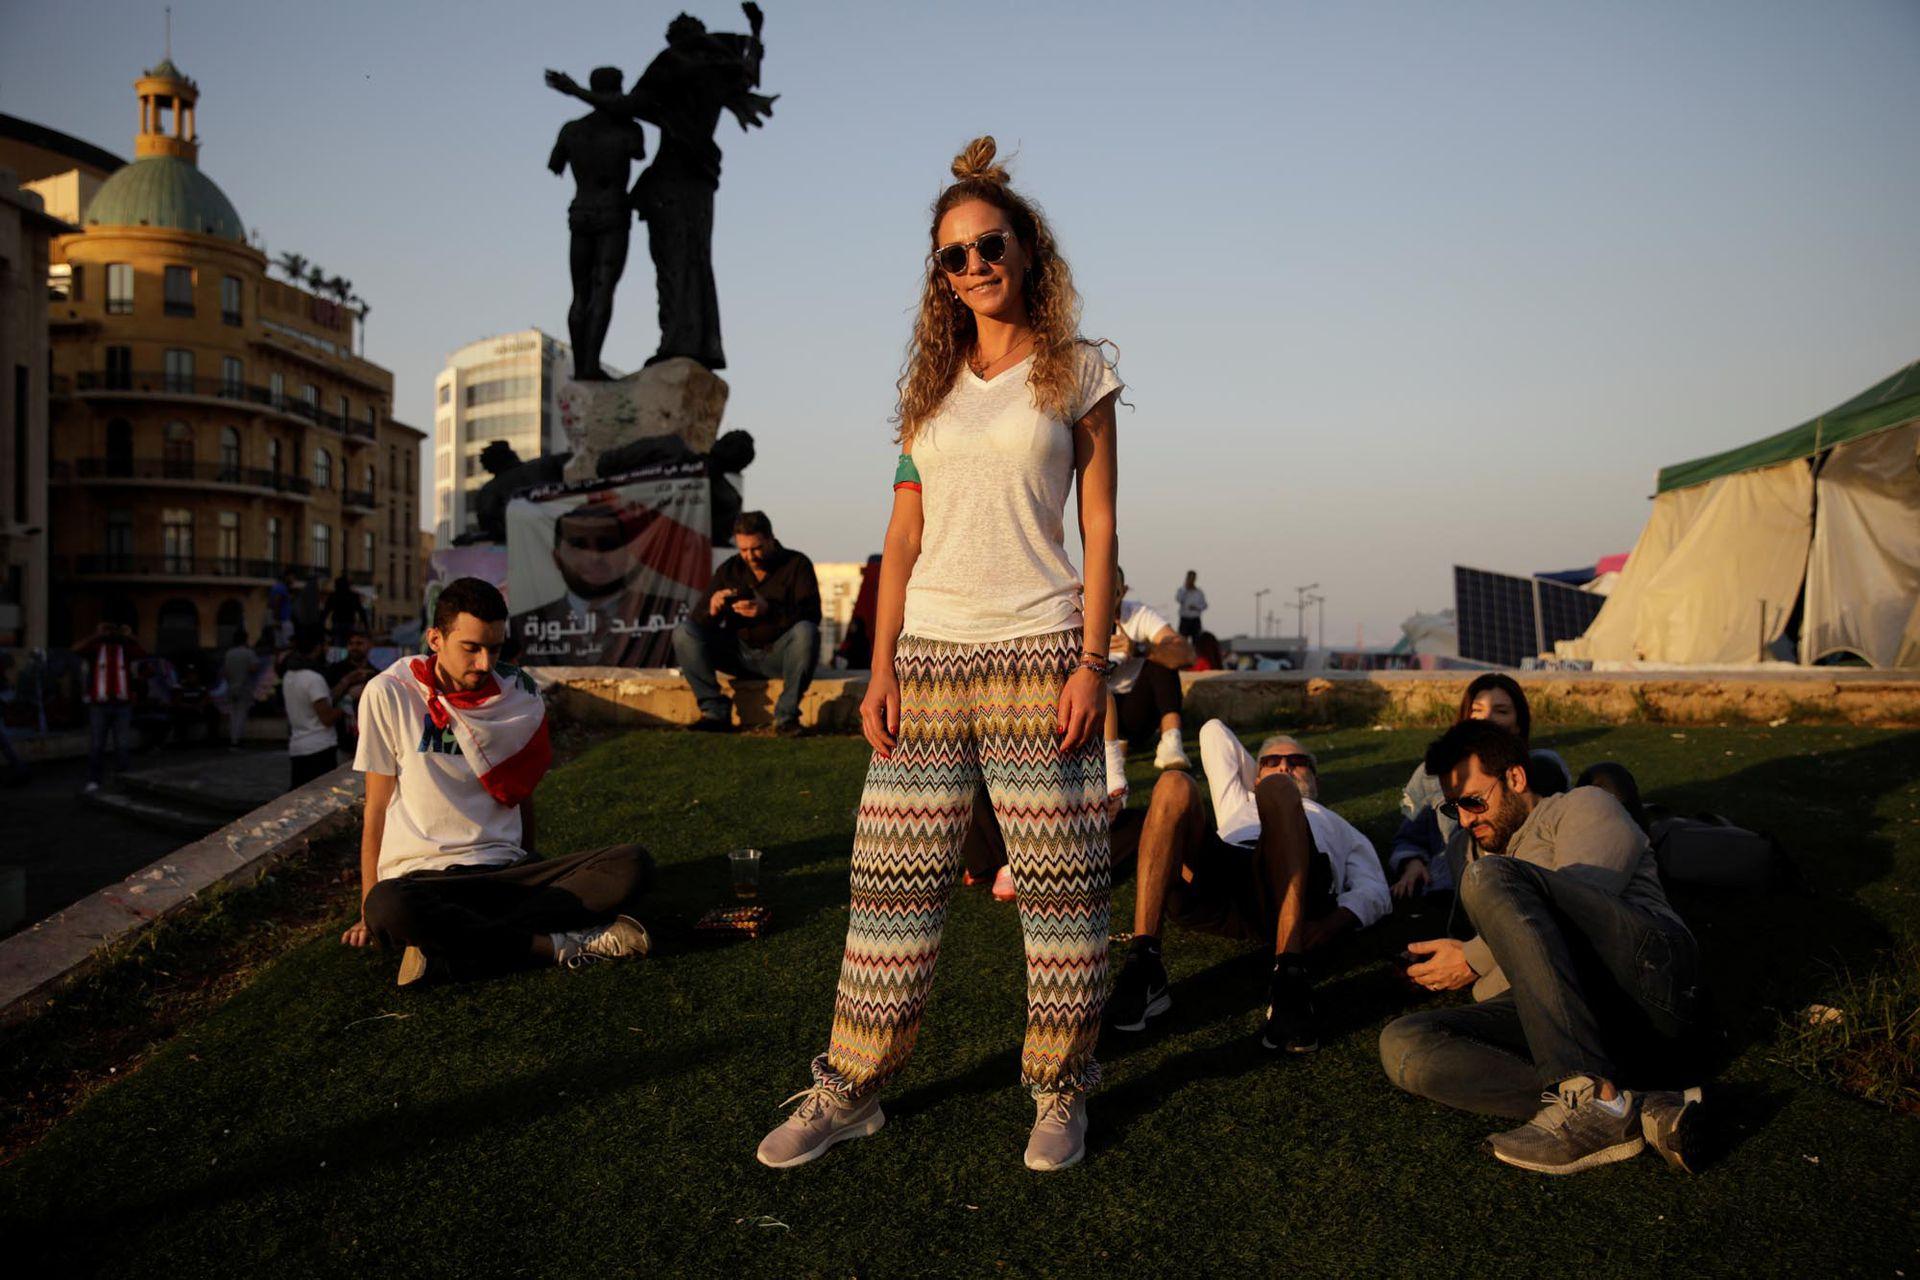 Hiba Ghosn, de 36 años, que trabaja en la industria de la moda junto a sus amigos sentados al sol de la tarde en la plaza de los Mártires, mientras la gente se reúne para una manifestación durante las protestas contra el gobierno en curso en Beirut, Líbano, el 17 de noviembre de 2019.